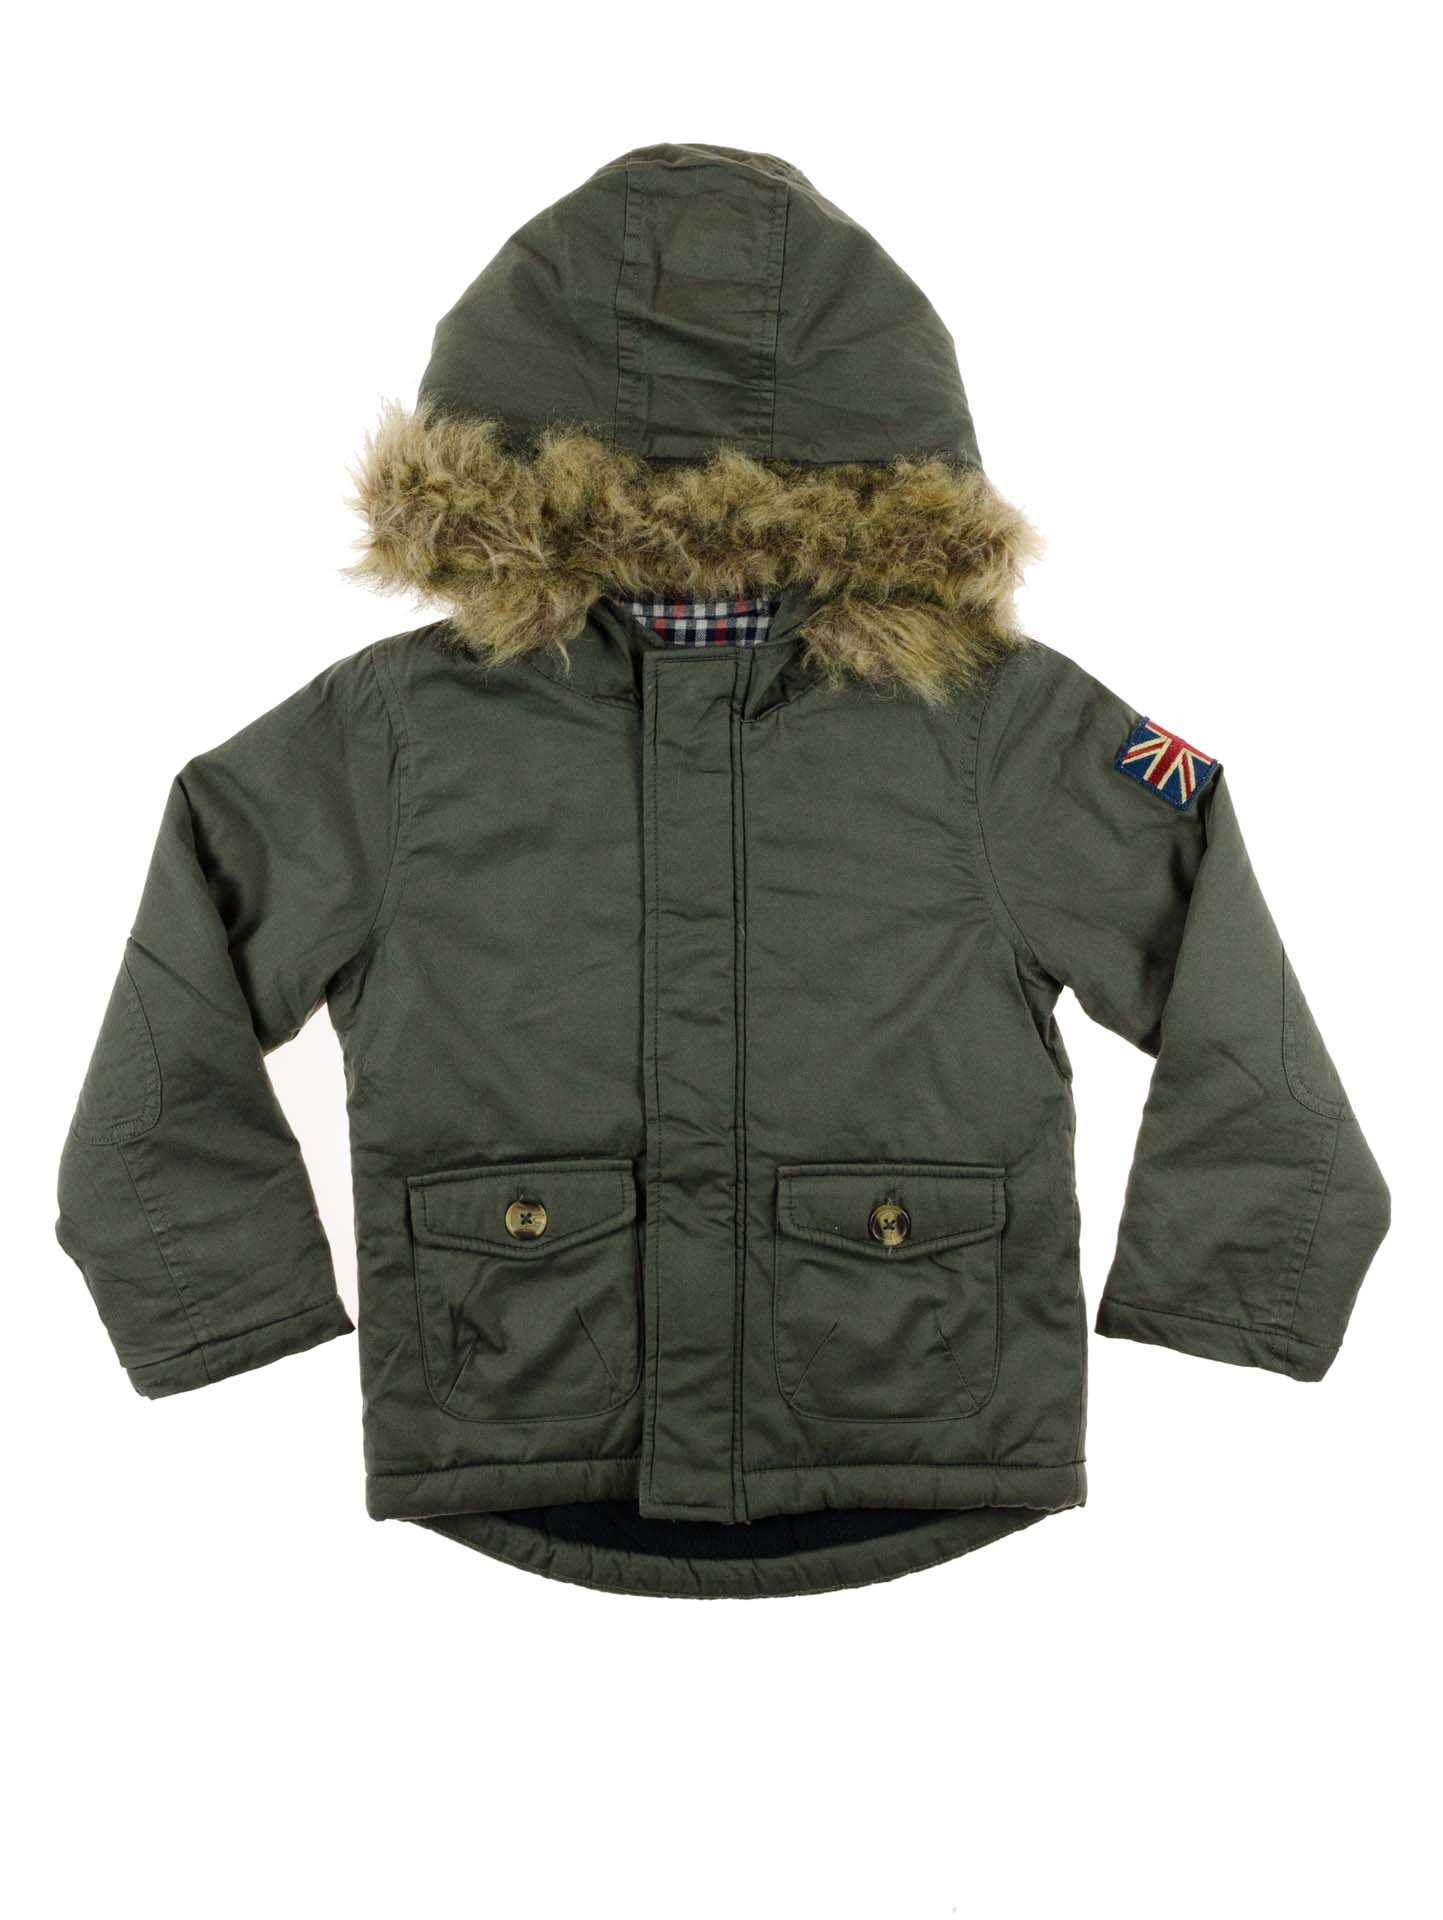 cabbe71433b Распродажа модной и качественной детской одежды